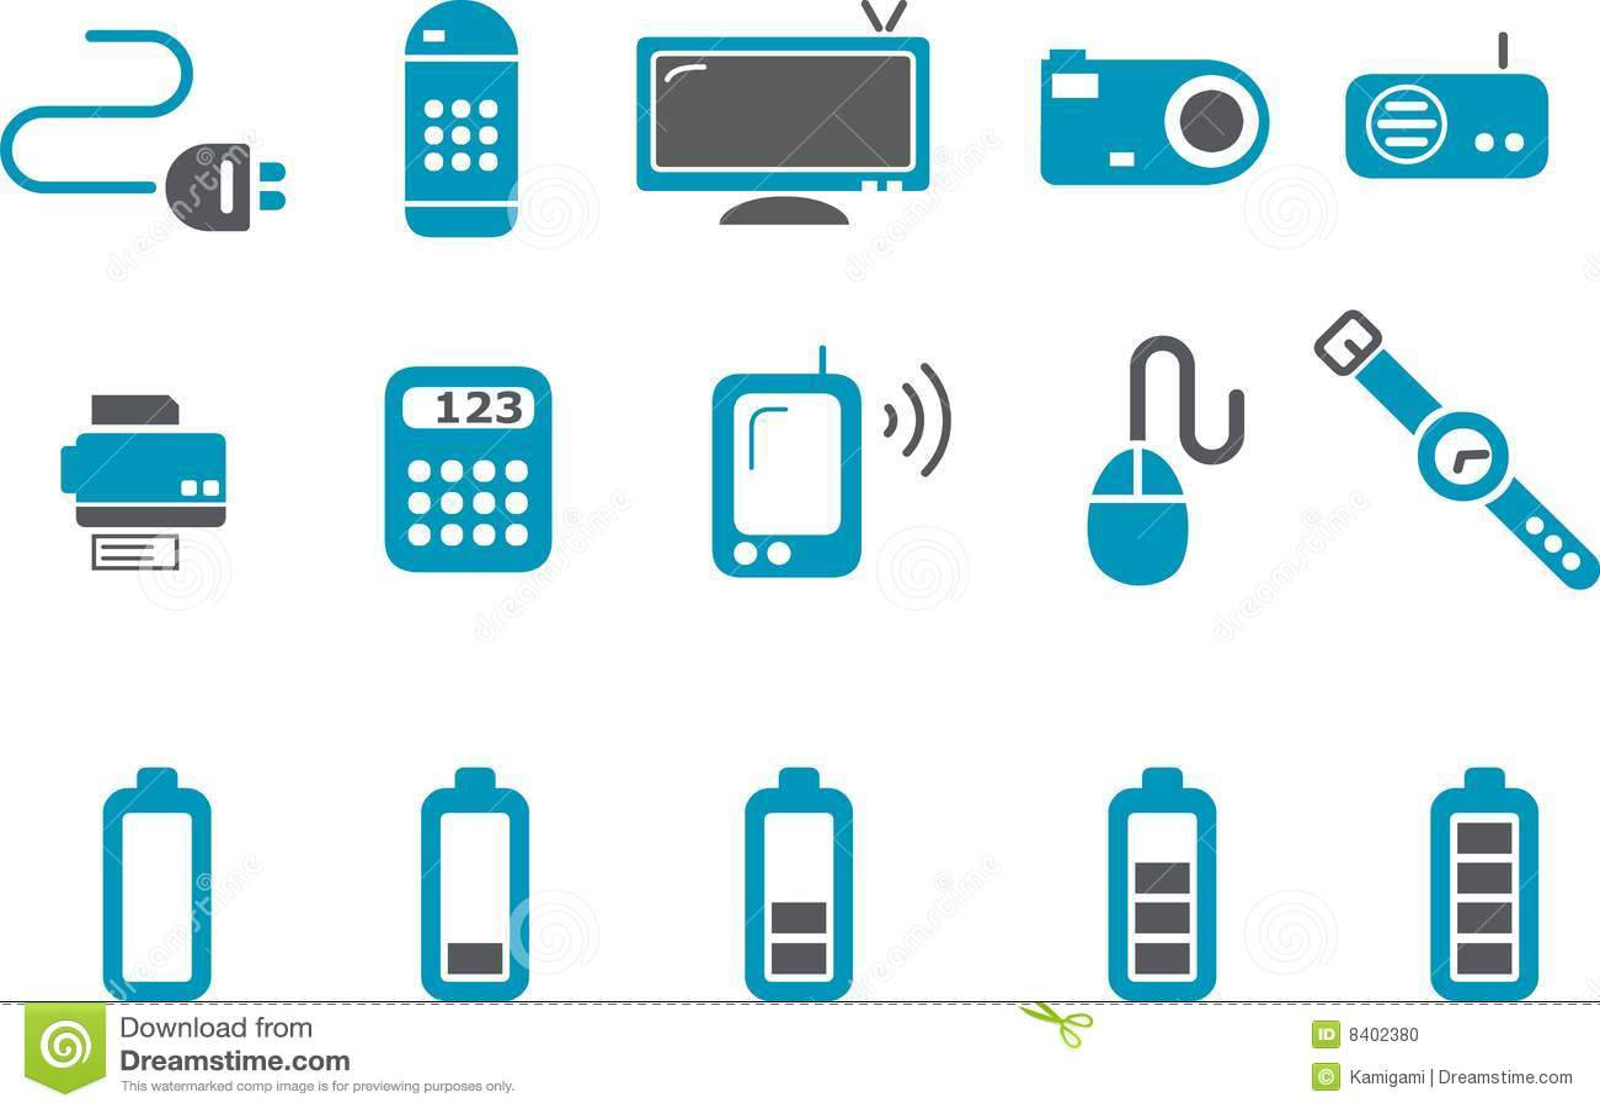 Icon Electronics Srinagar: Electronic Icon Set Stock Photo